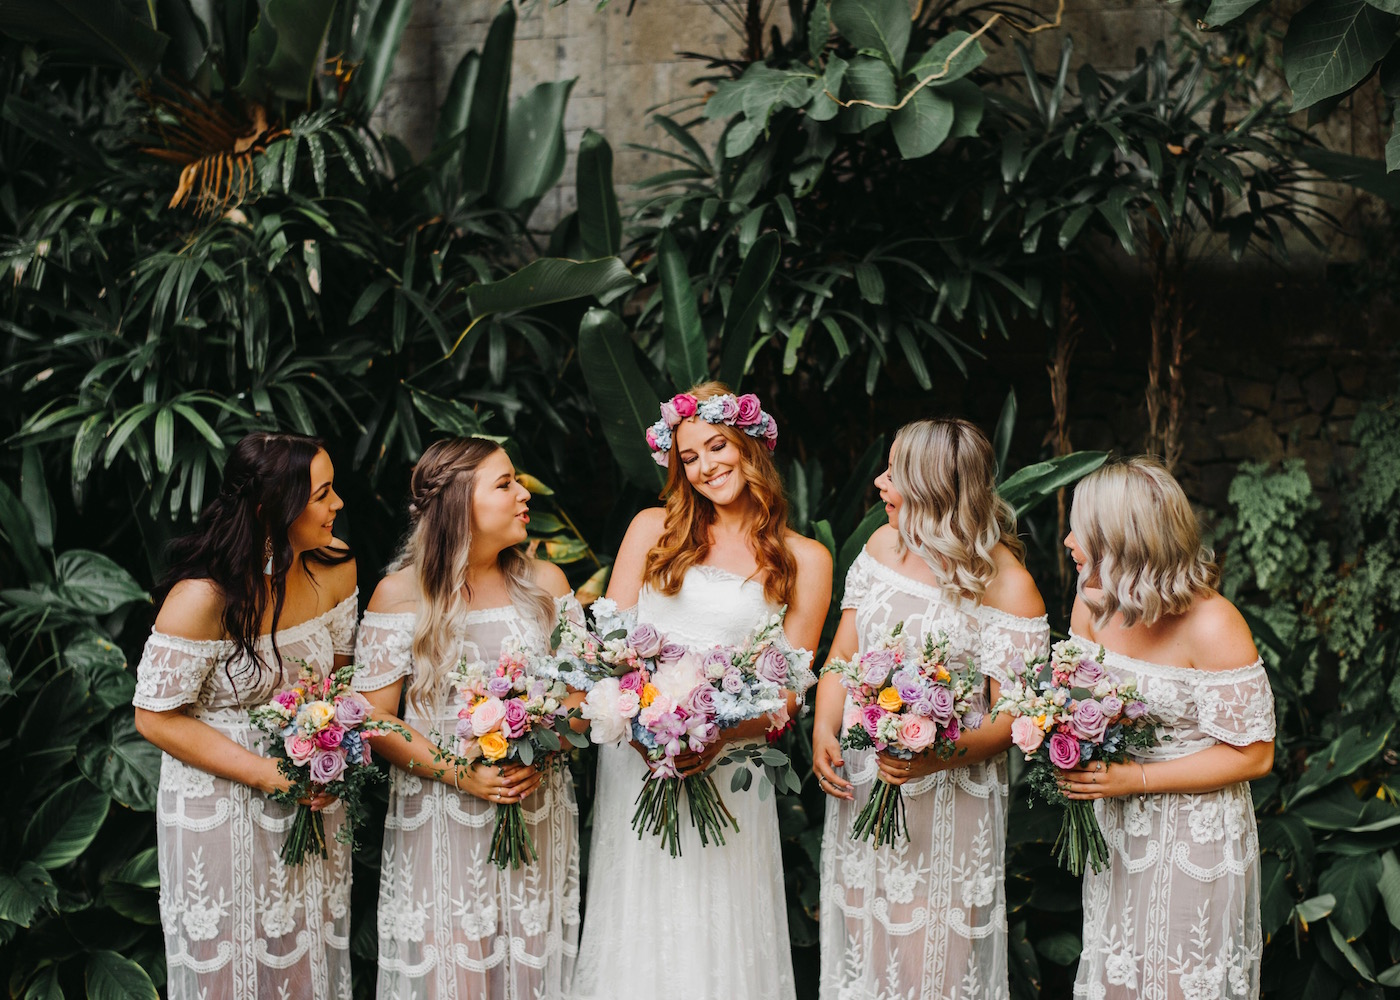 Destination wedding by Wonderland Events in Bali, Indonesia